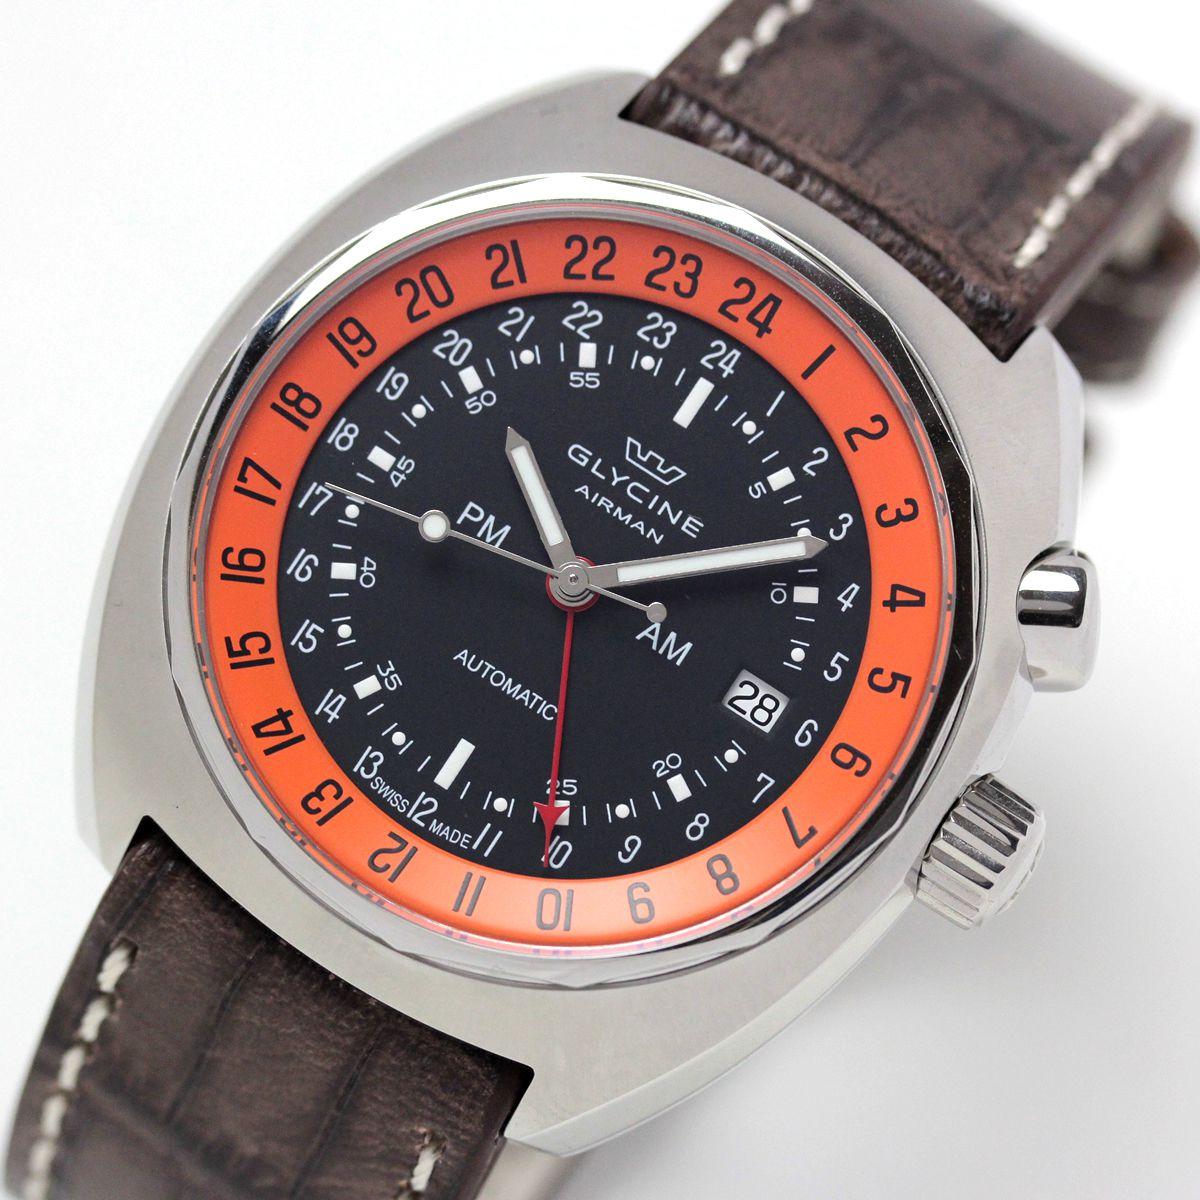 GLYCINE(グライシン) 腕時計ケース裏の刻印